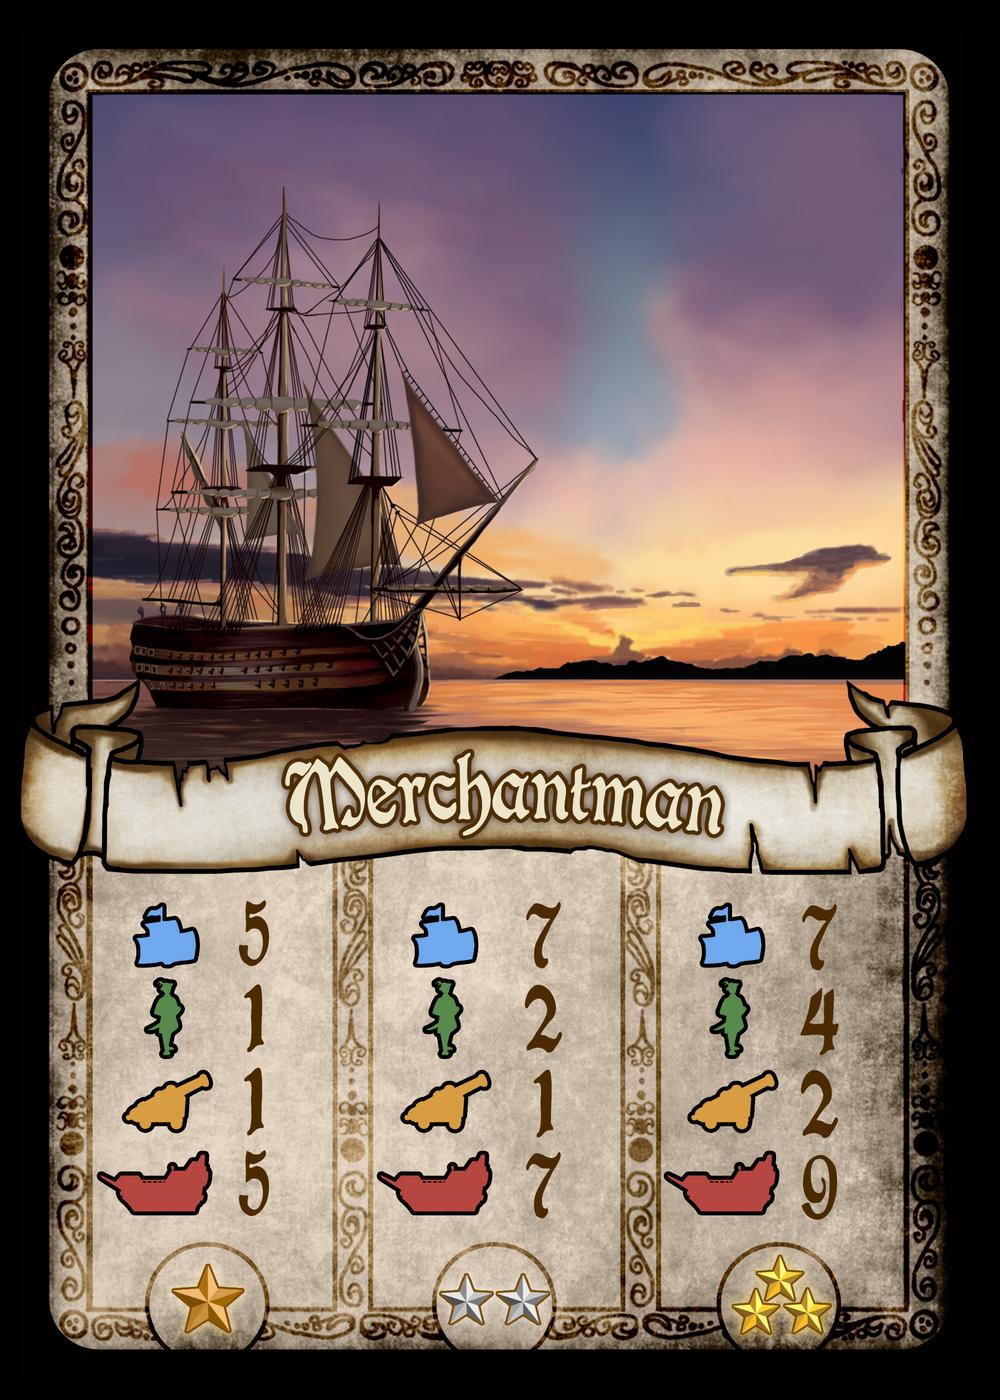 merchantman.jpg